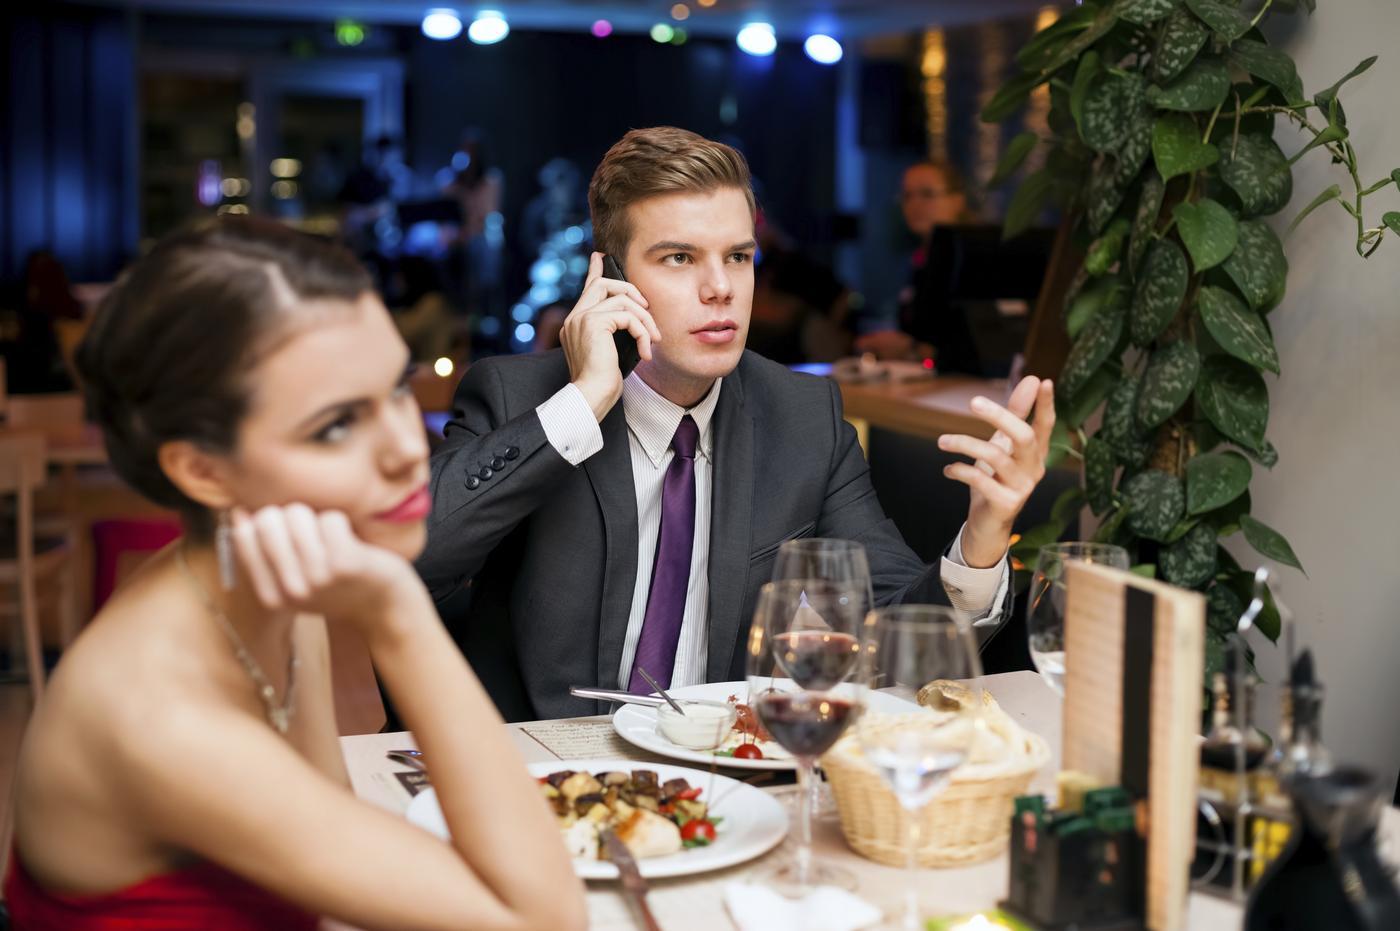 flicka inte värt dating